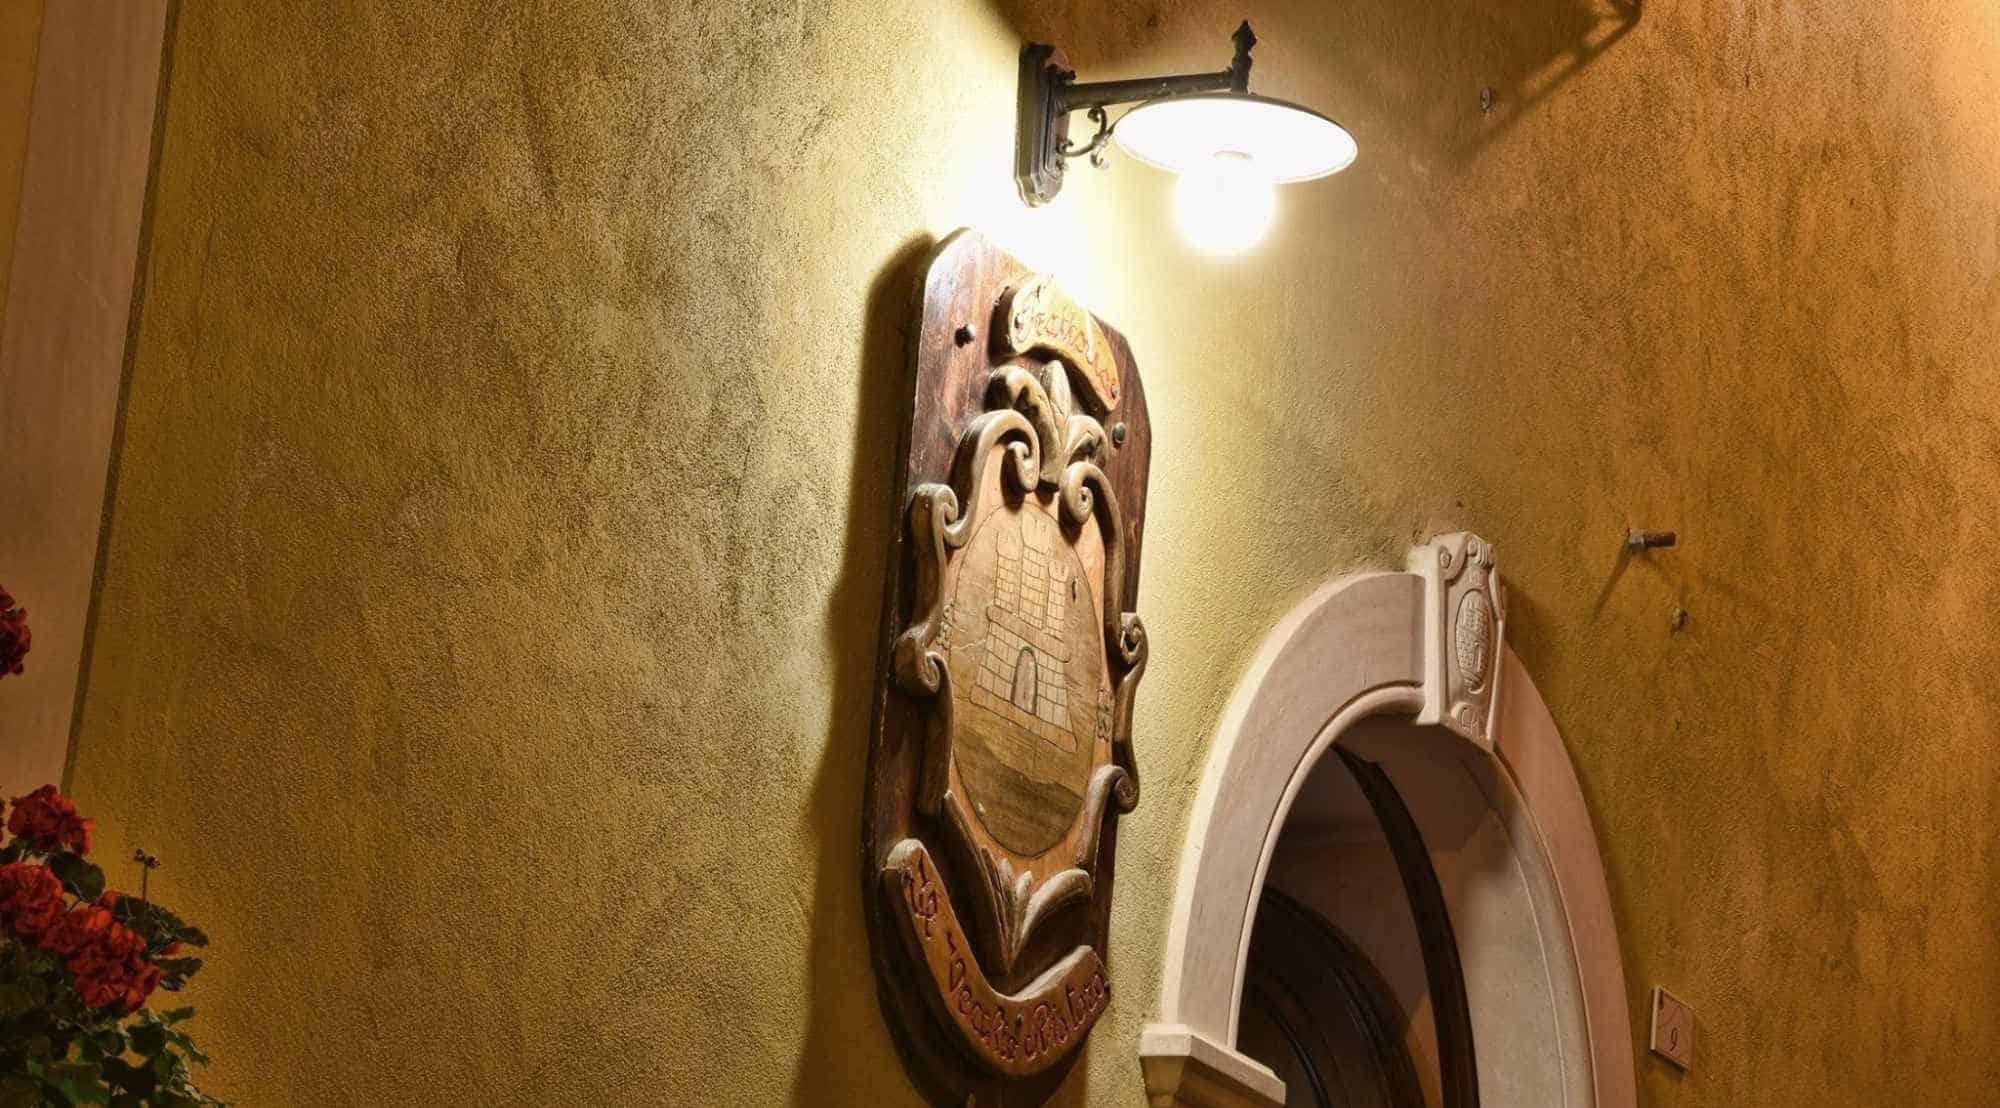 """Ristorante, TRATTORIA """"IL VECCHIO RISTORO"""": RISCOPRIRE IL PASSATO, Foodiestrip.blog"""